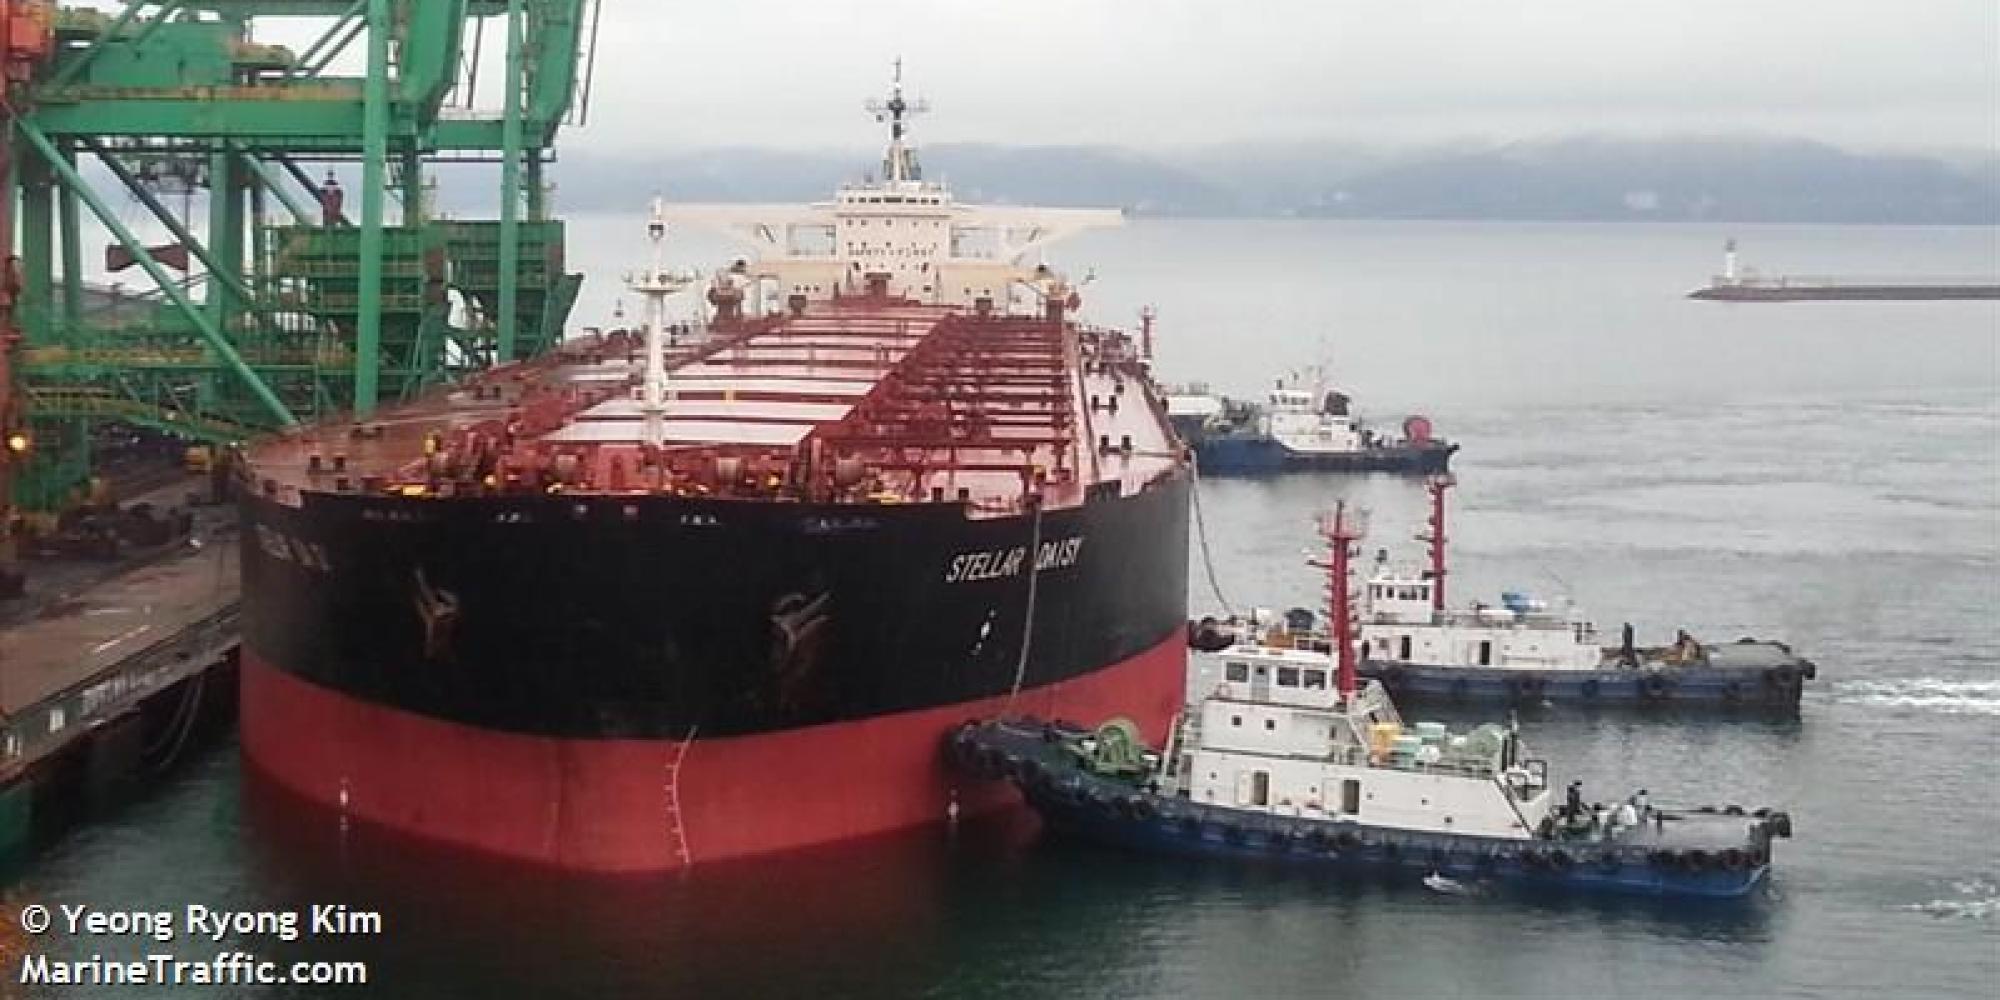 韓国の大型鉱石運搬船 ステラデイジーが大西洋で遭難 乗っていたのは韓国人8人とフィリピン人16人 フィリピン人2人は救助のサムネイル画像